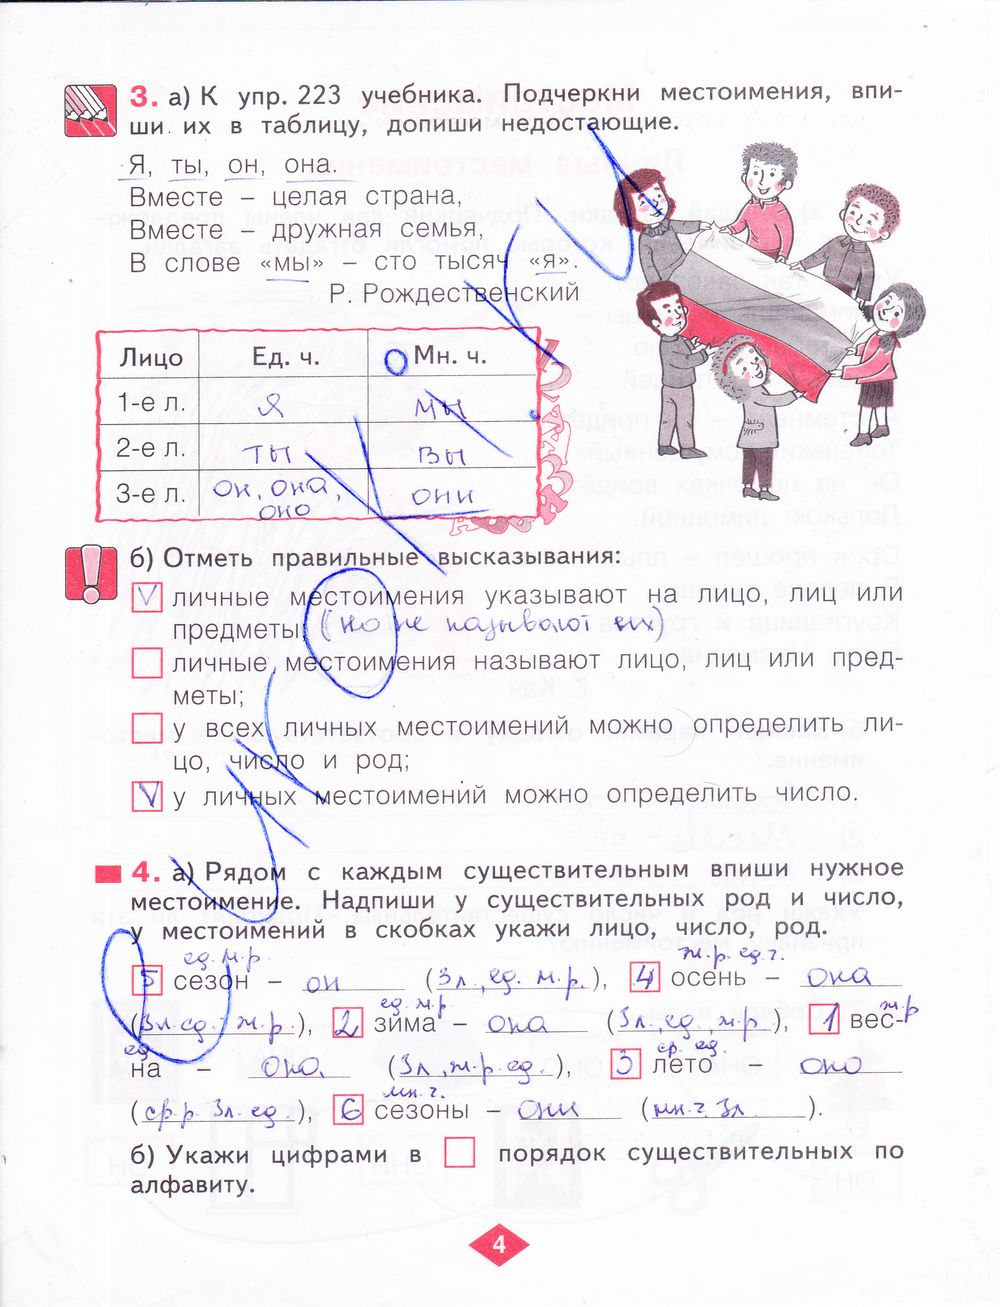 Гдз 7 класс английский язык алла несвит скачать.